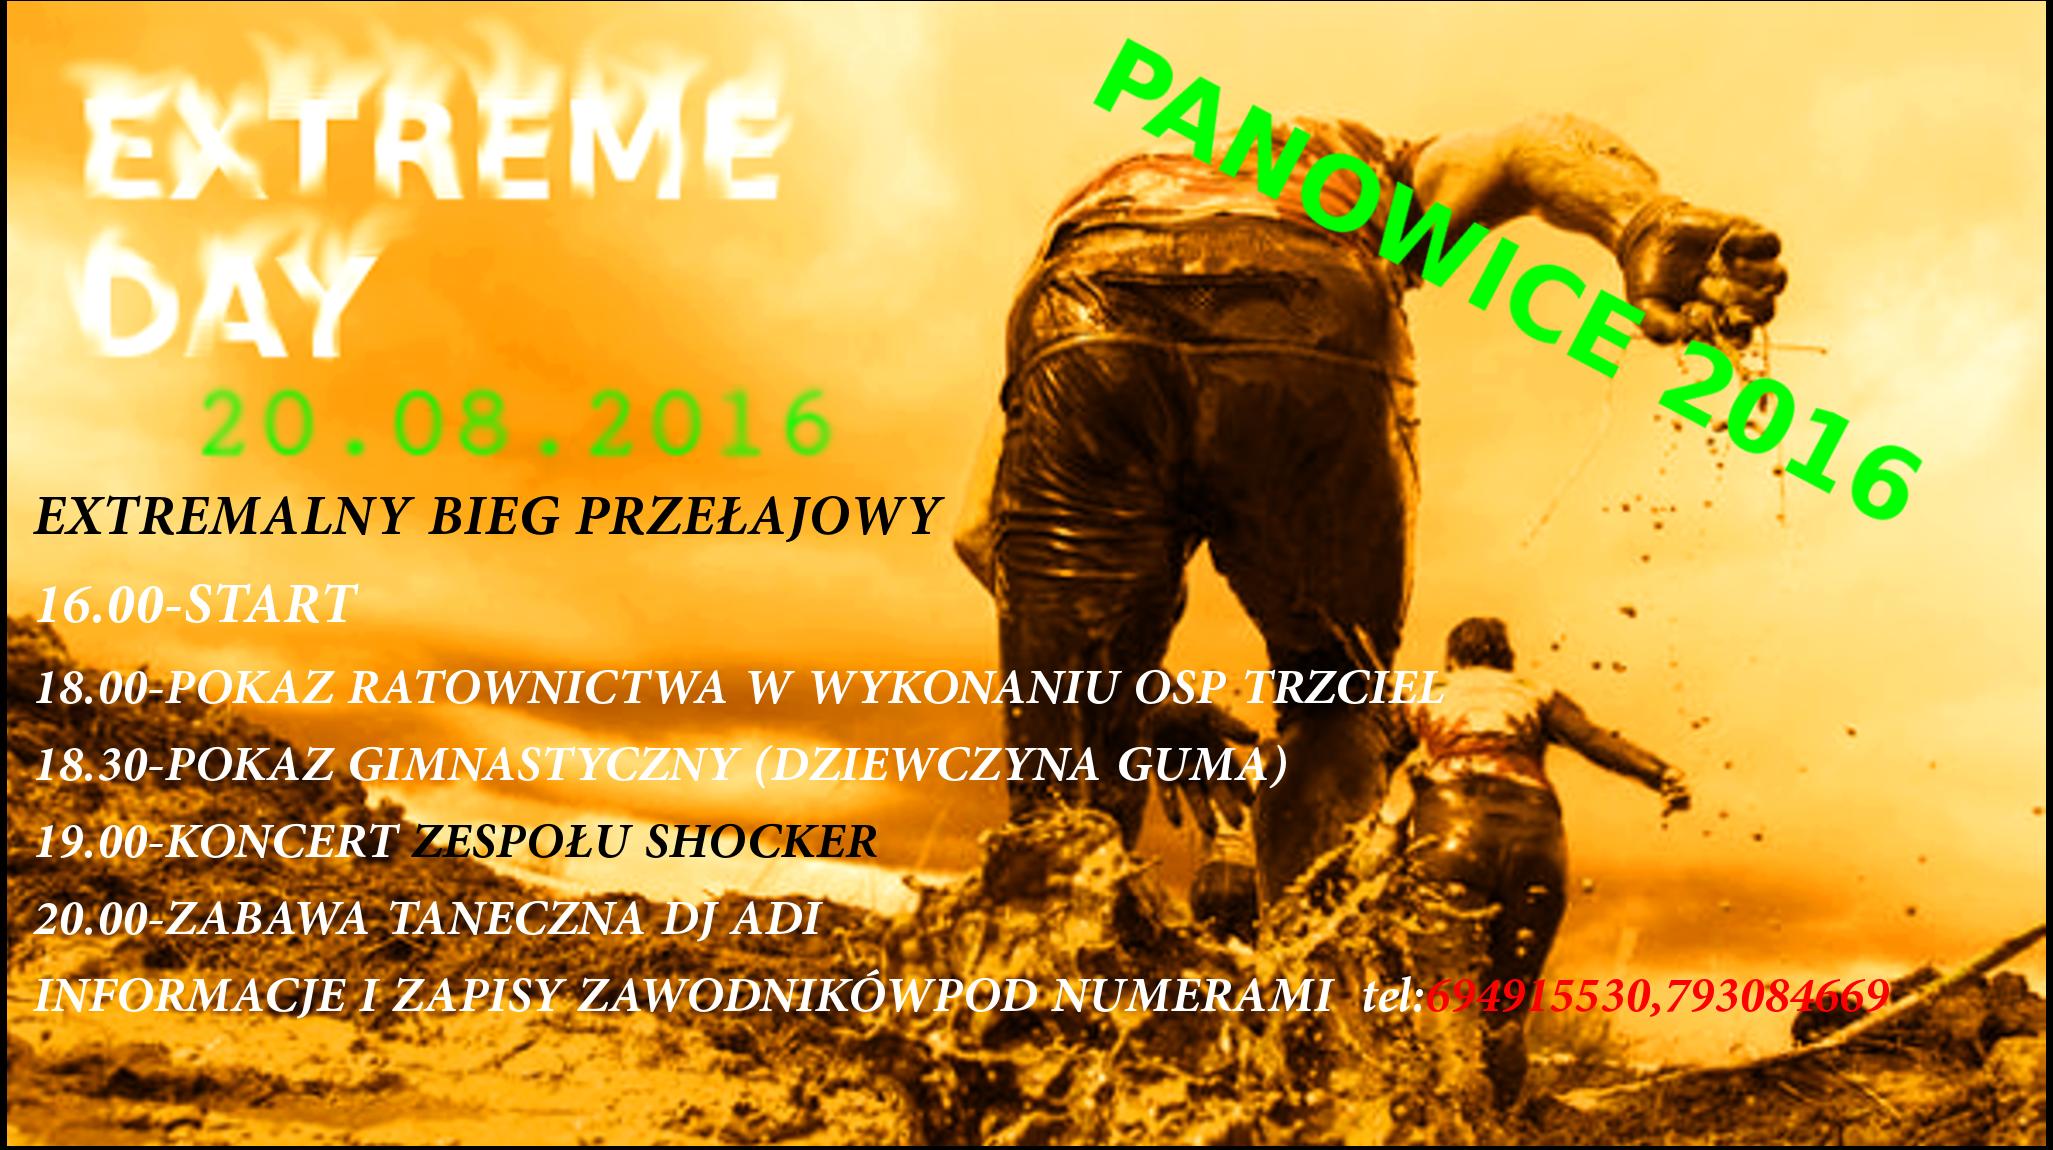 20 sierpnia zapraszamy do Panowic na Extremalny Bieg Przełajowy